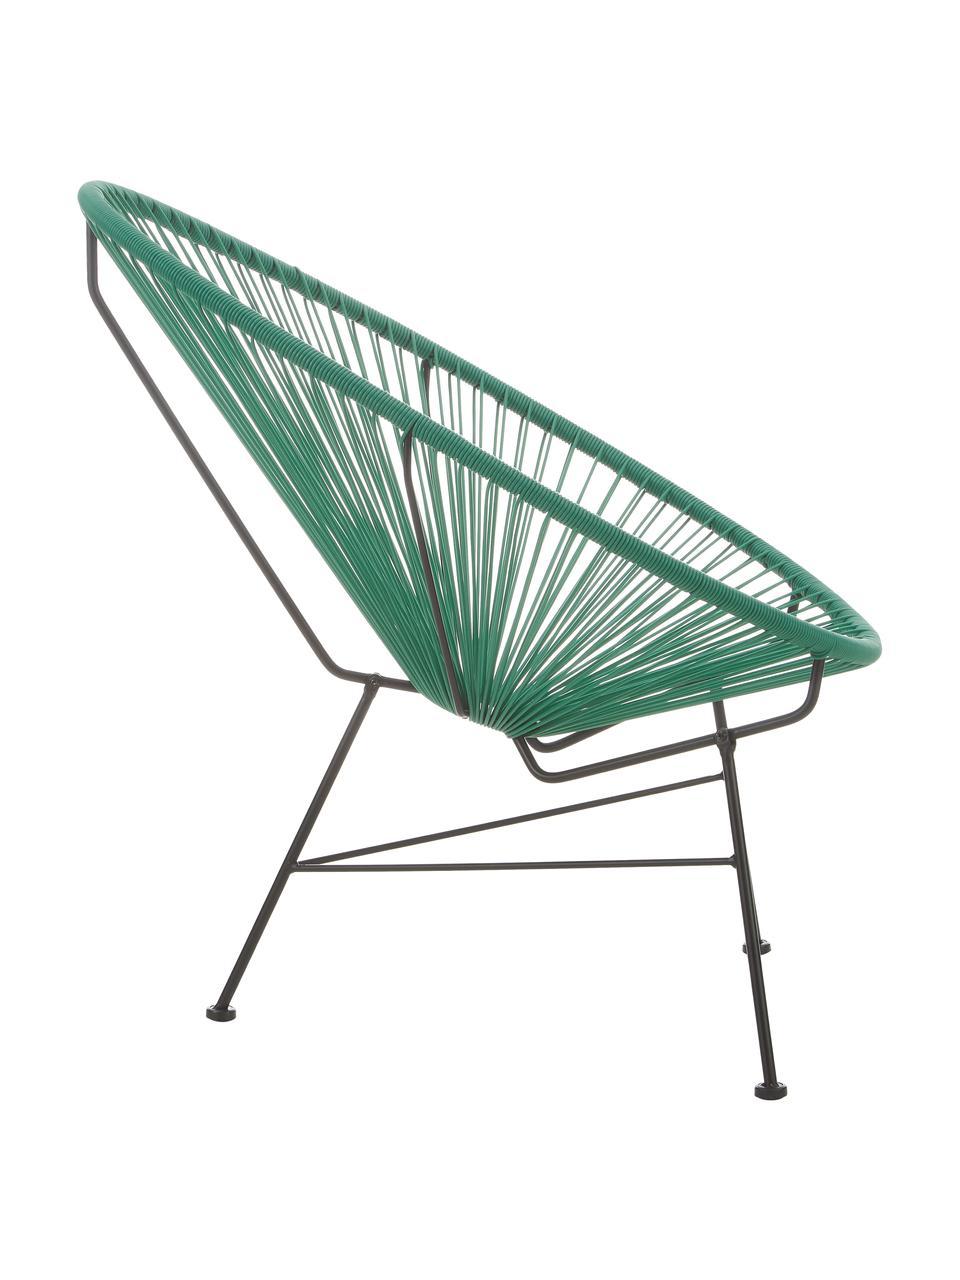 Sedia a poltrona intrecciata Bahia, Seduta: materiale sintetico, Struttura: metallo verniciato a polv, Verde, Larg. 81 x Prof. 73 cm